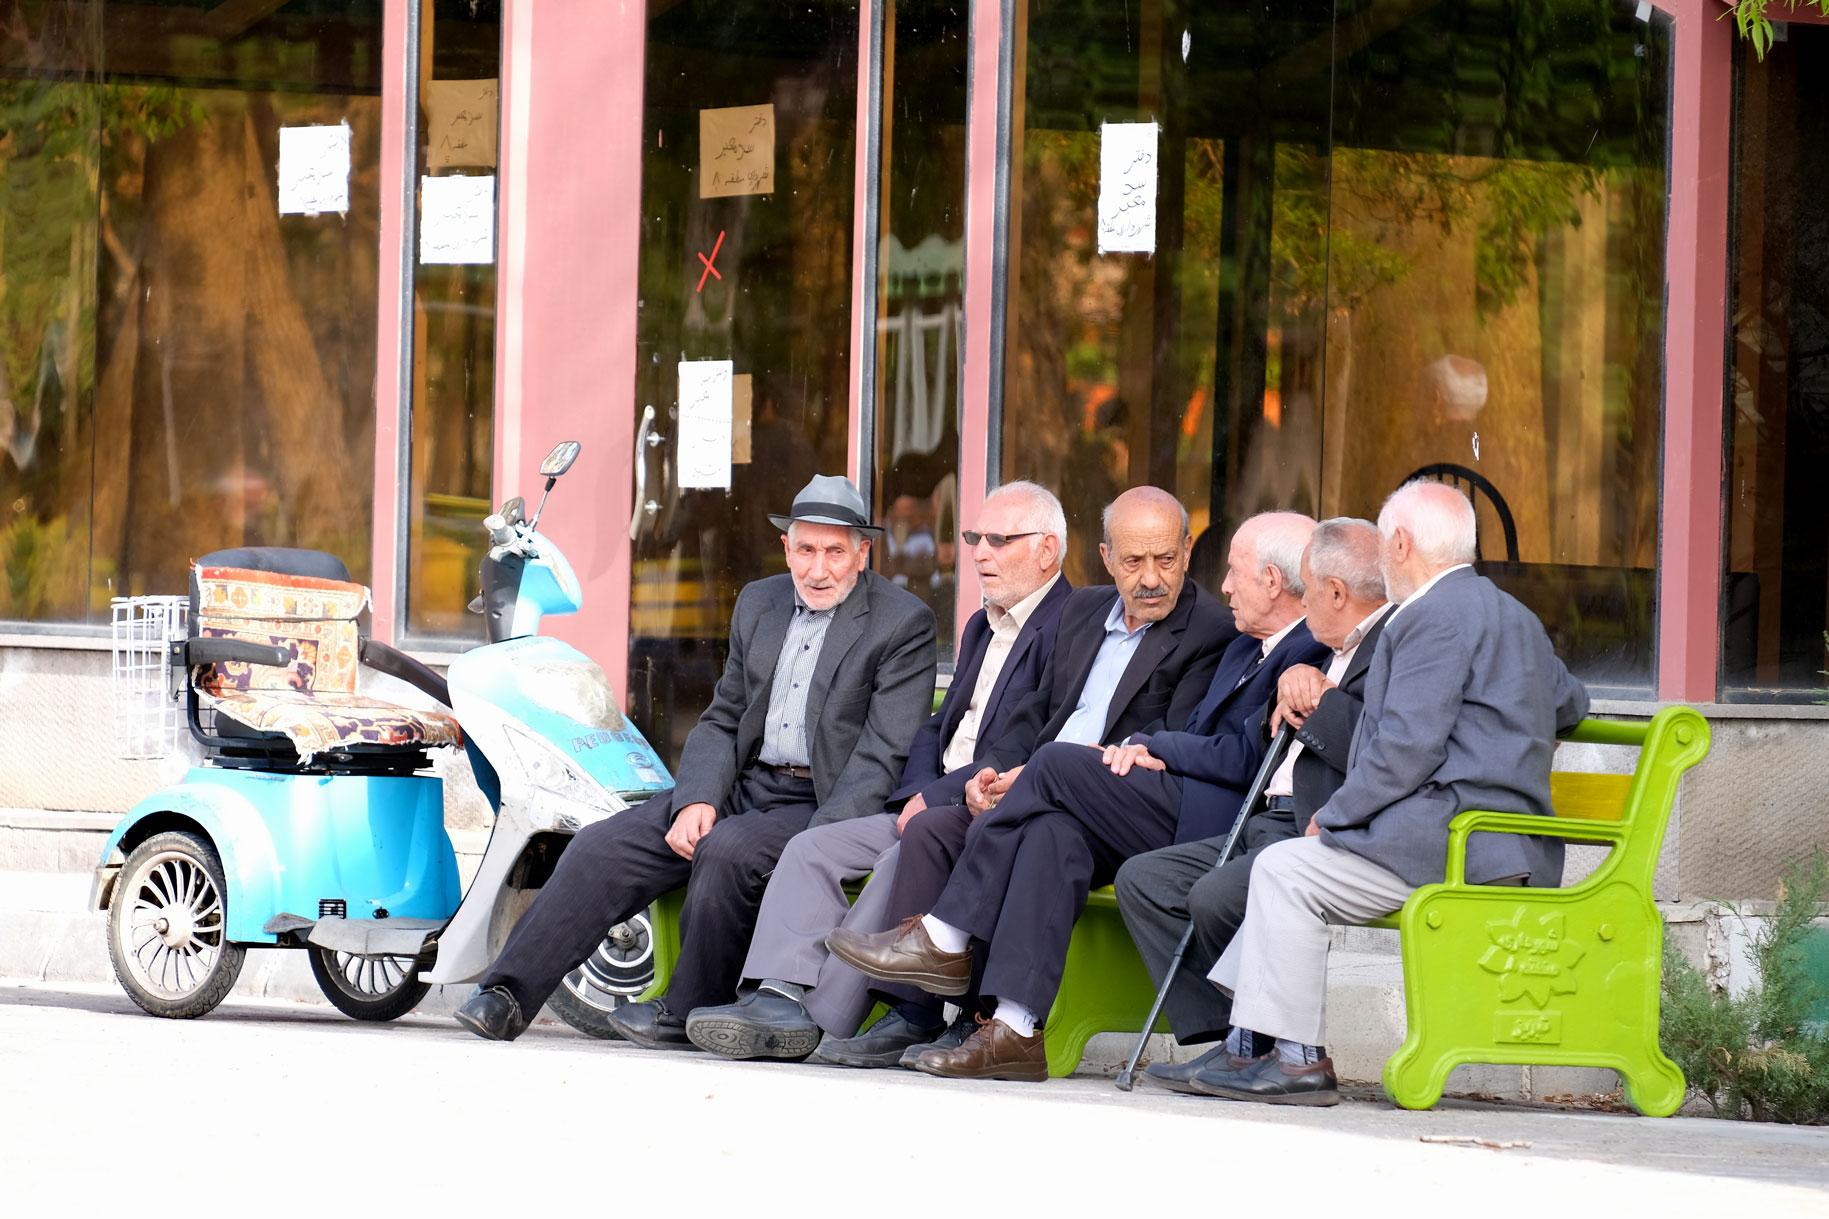 Sechs ältere Männer sitzen auf einer Bank und unterhalten sich